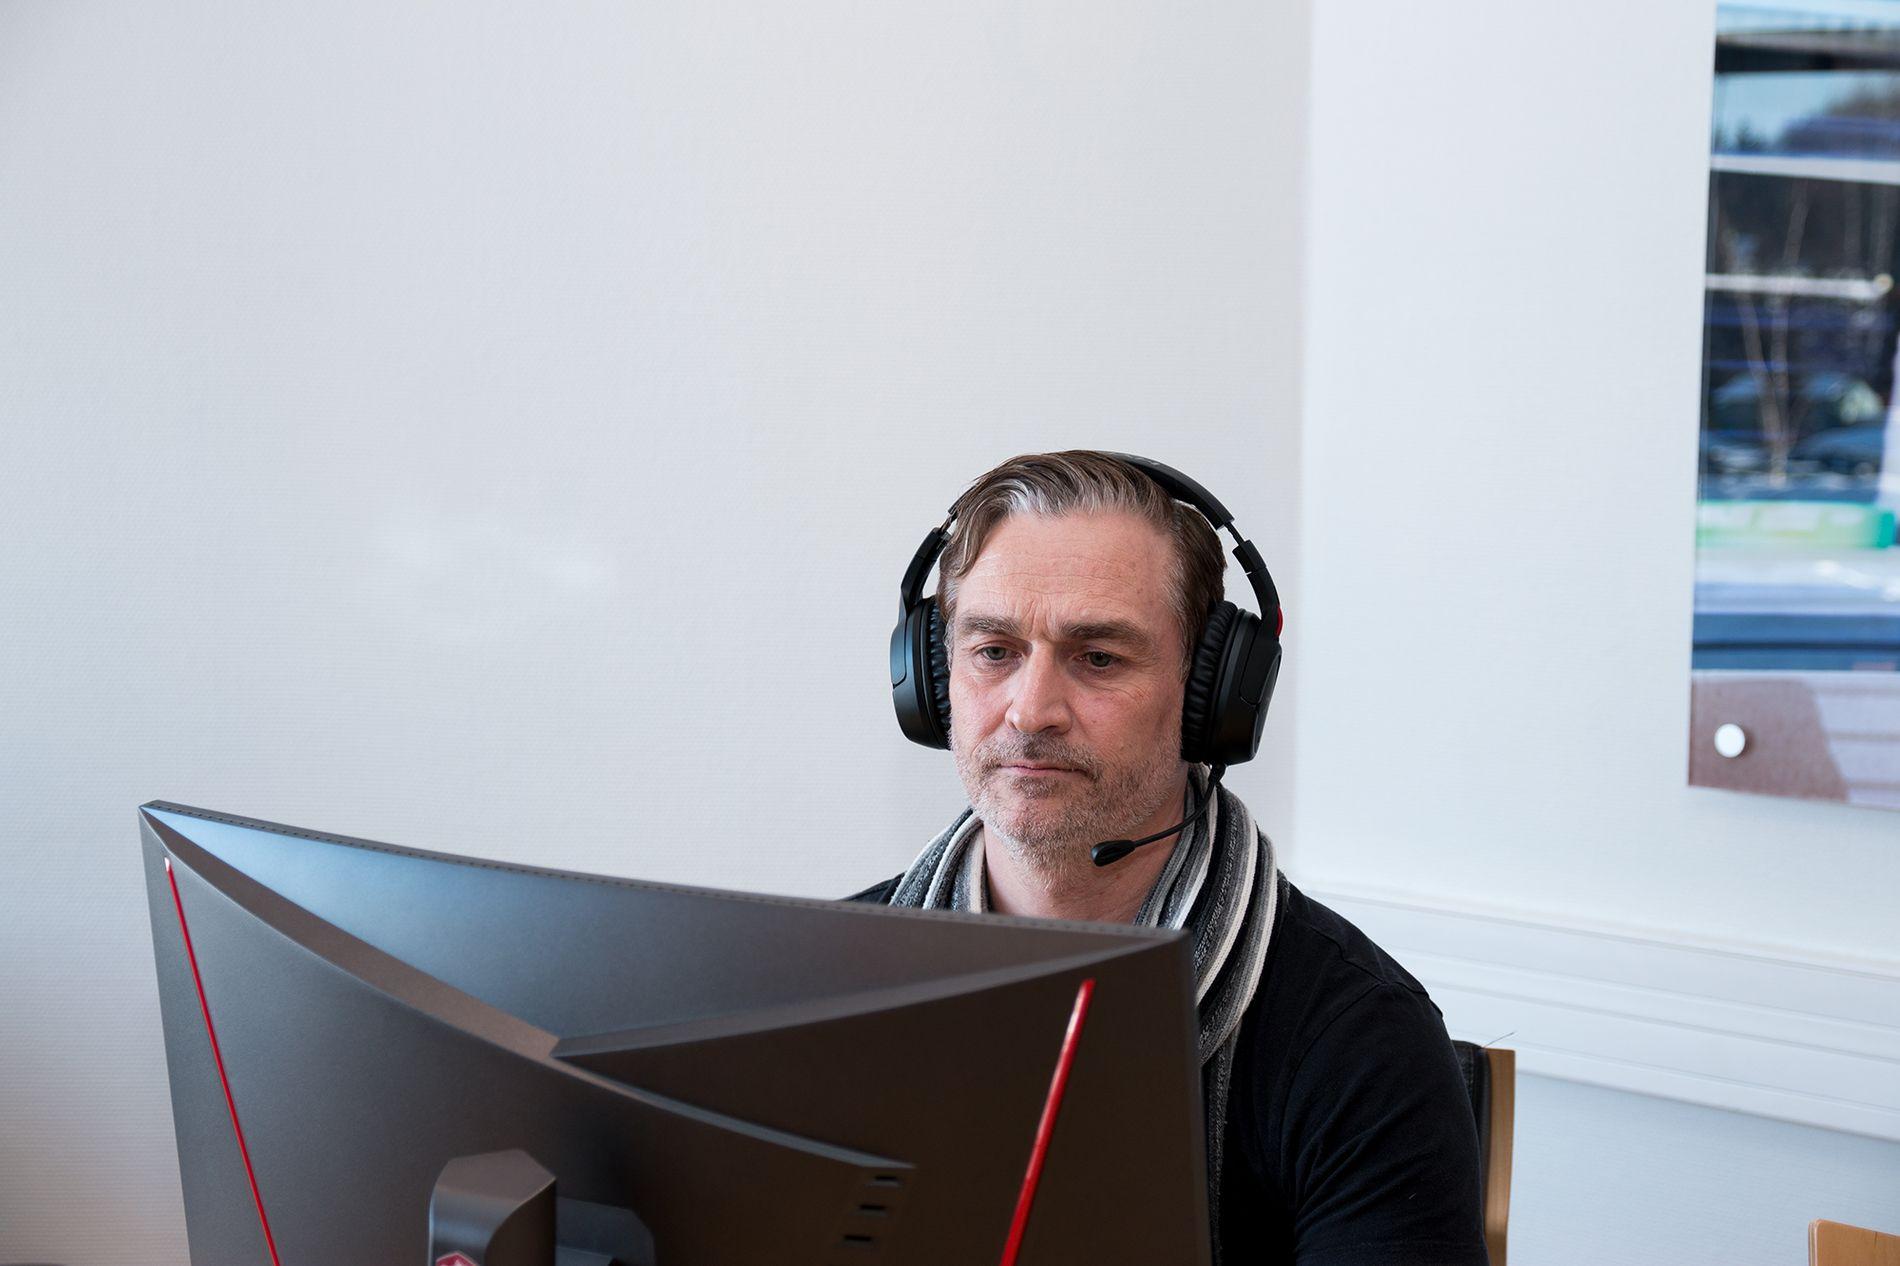 Et godt gaming-headsett kan være avgjørende for fremgangen i spill.